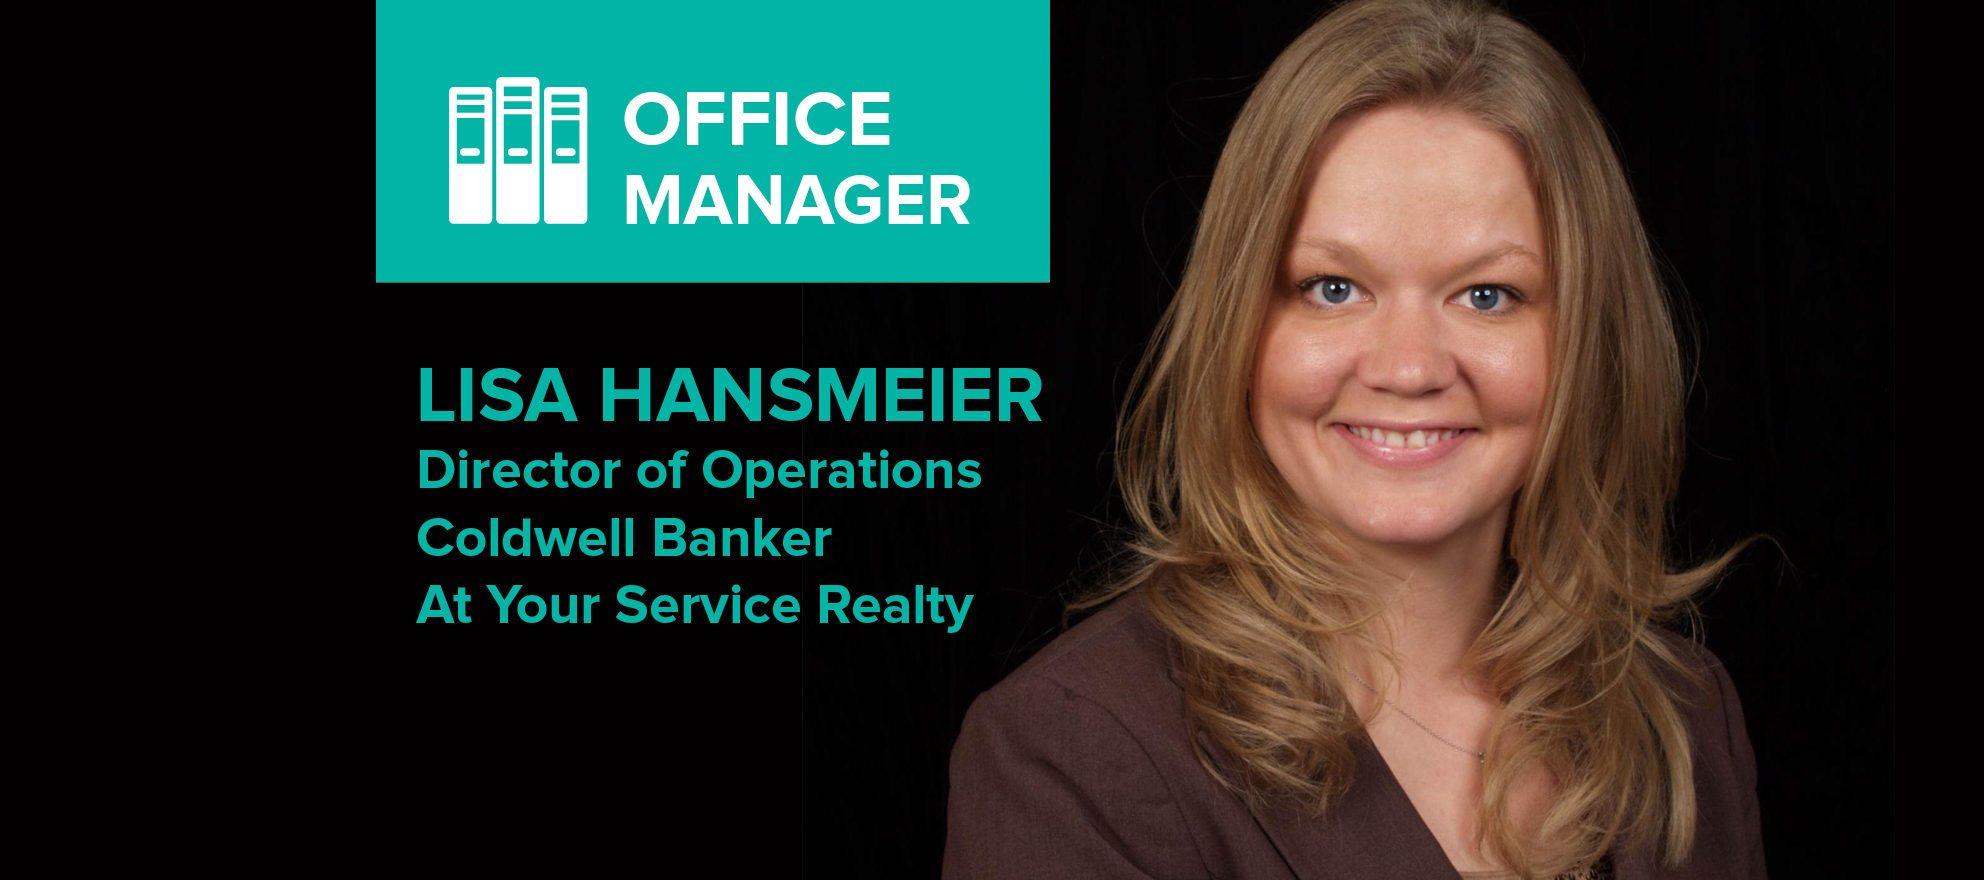 Lisa Hansmeier: 'We are 100 percent family here'